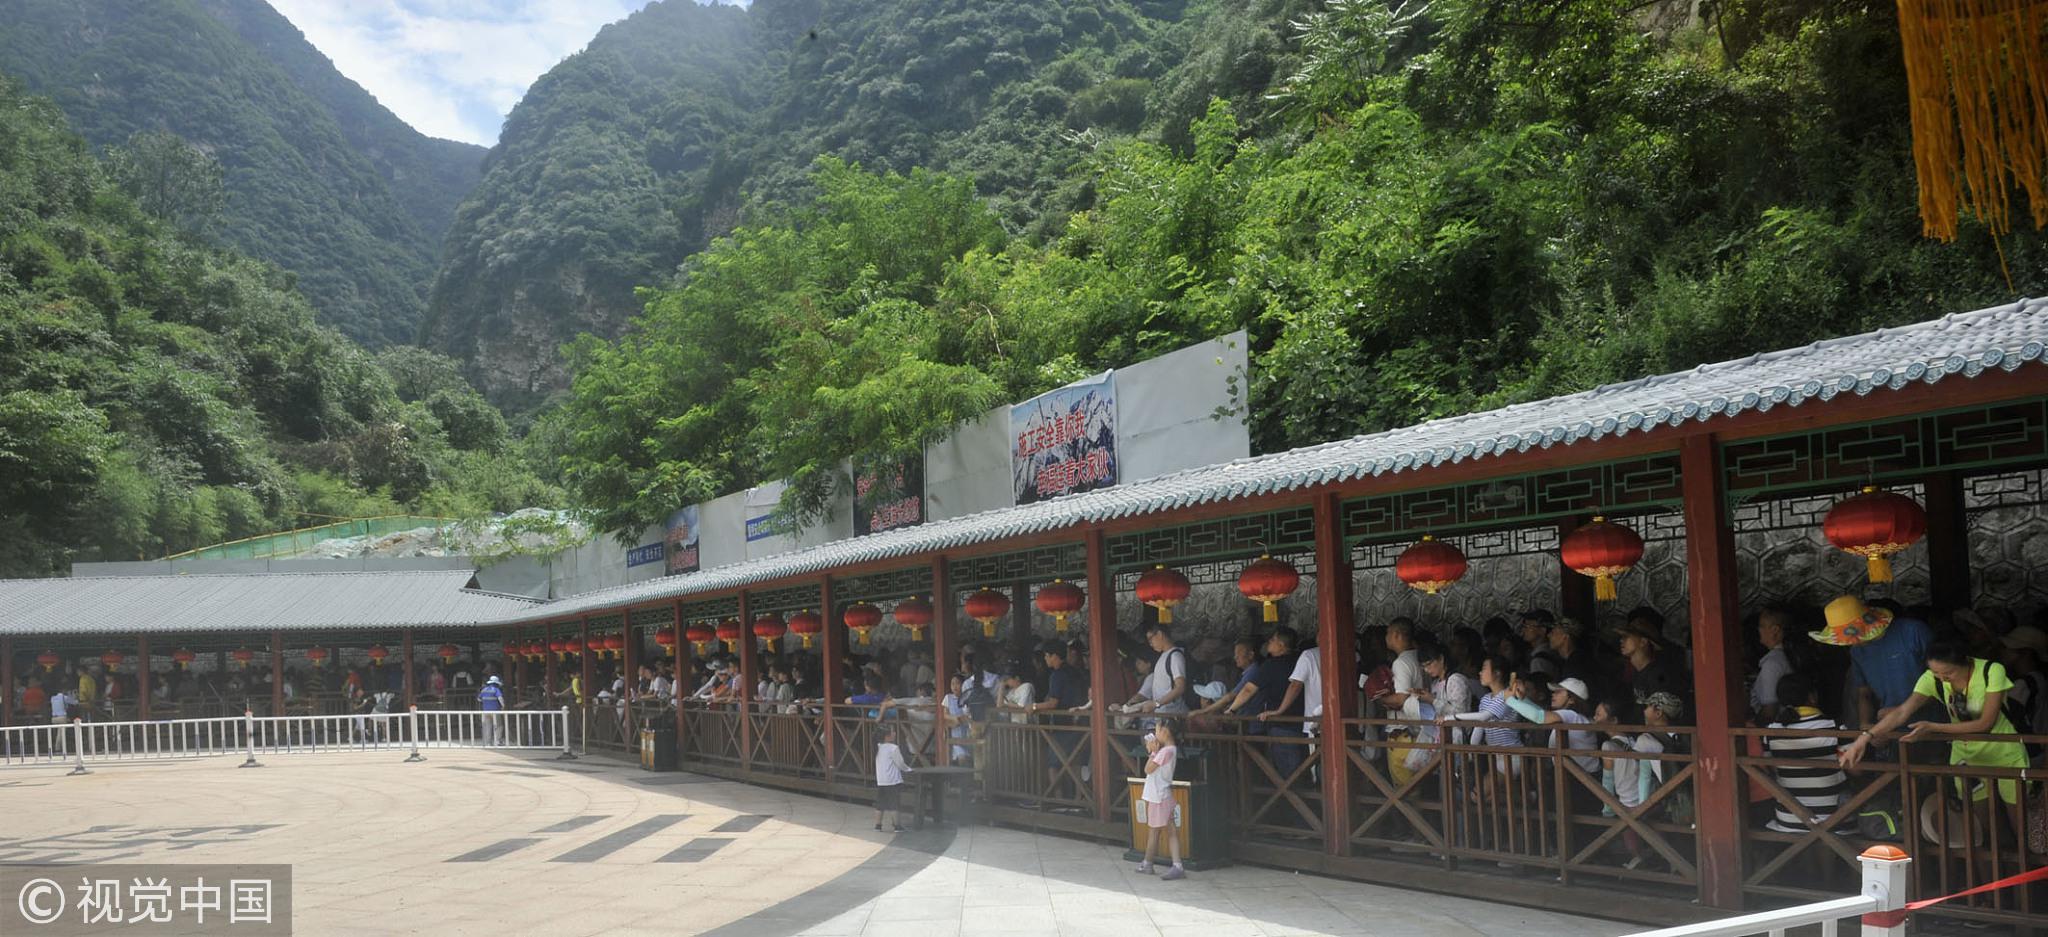 2018年08月,华山西线西峰索道乘车区挤满了等待乘车上山游览的旅客。 / 视觉中国